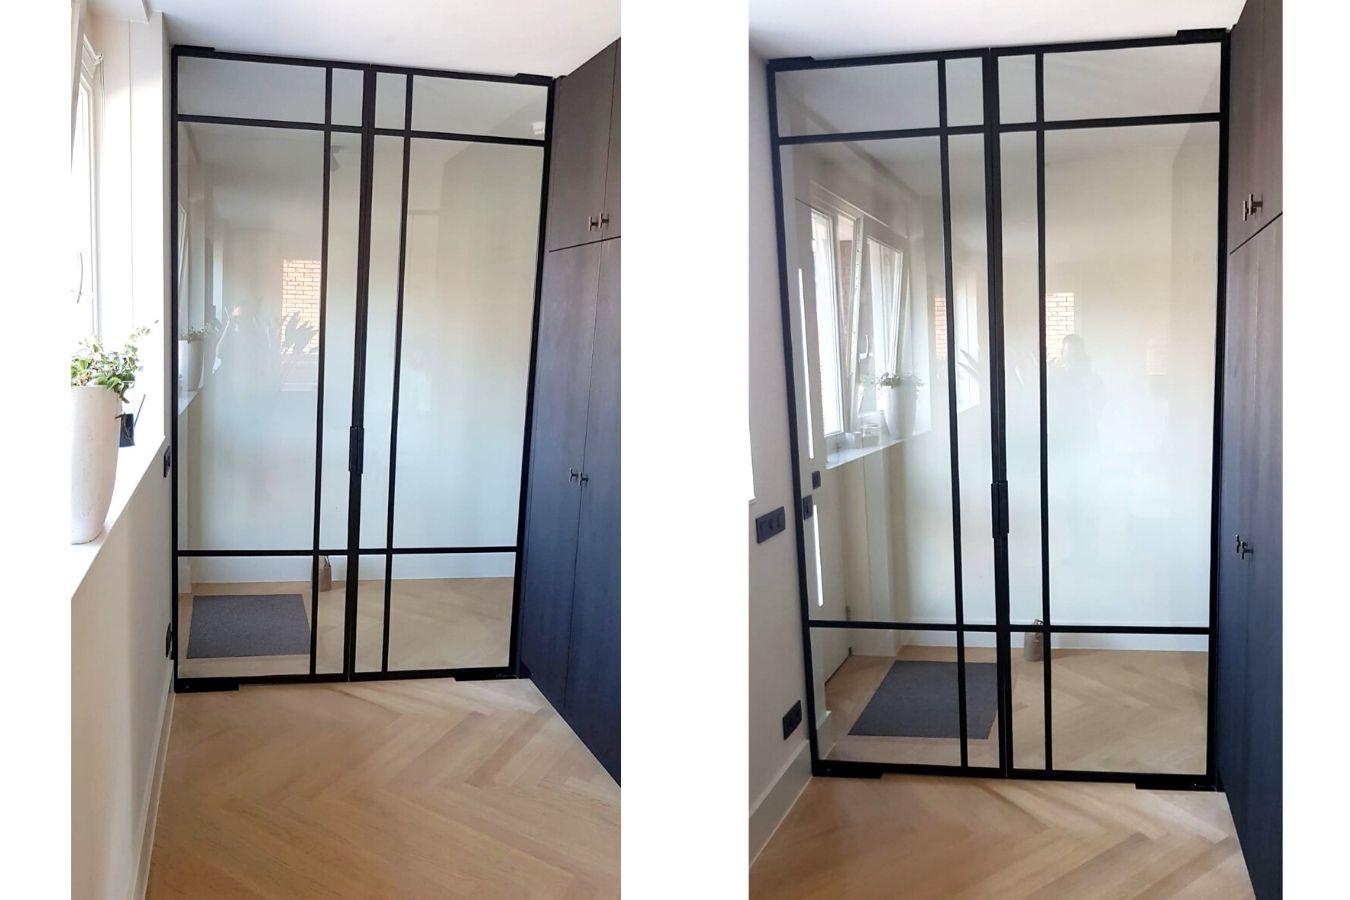 Dubbele stalen binnendeuren in Zoeterwoude - Stalen taatsdeuren op maat